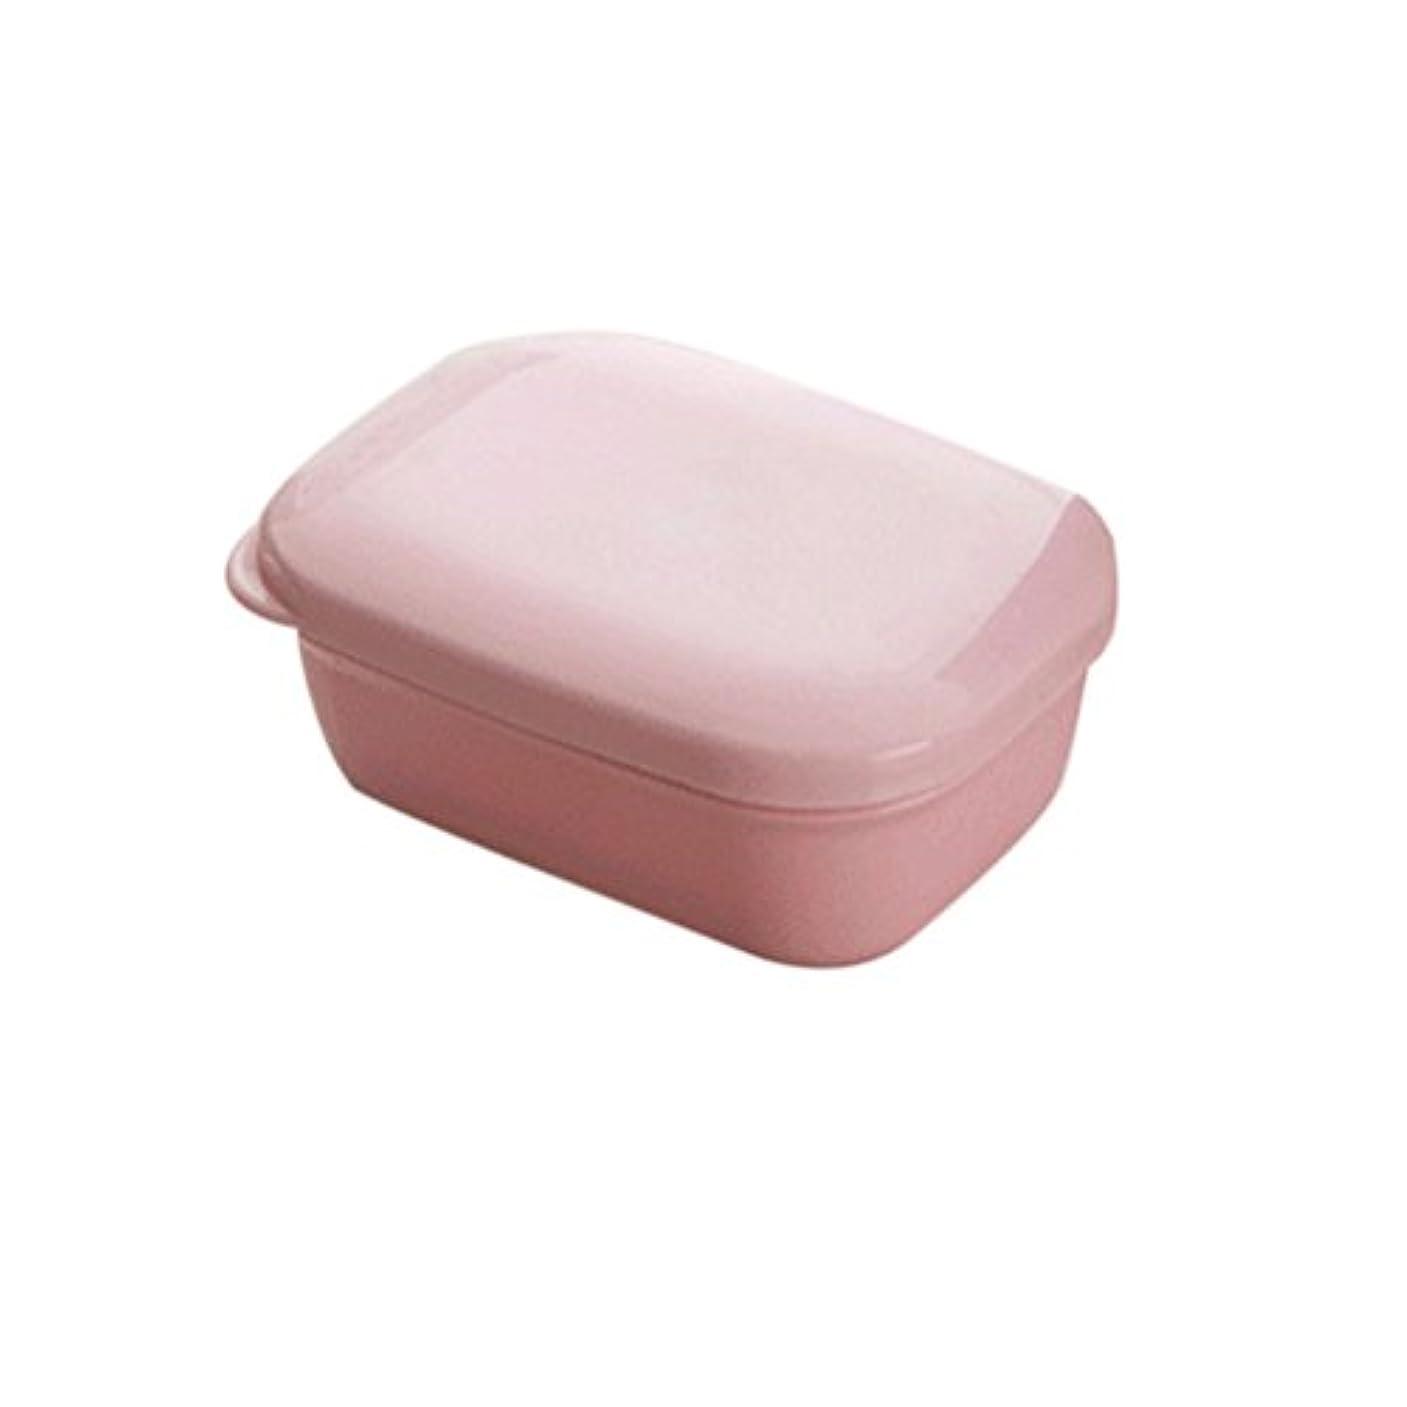 流行している第五信号BESTOMZ 石鹸ケース 石鹸置き ソープディッシュ 旅行用 携帯 ふた付け(ピンク)